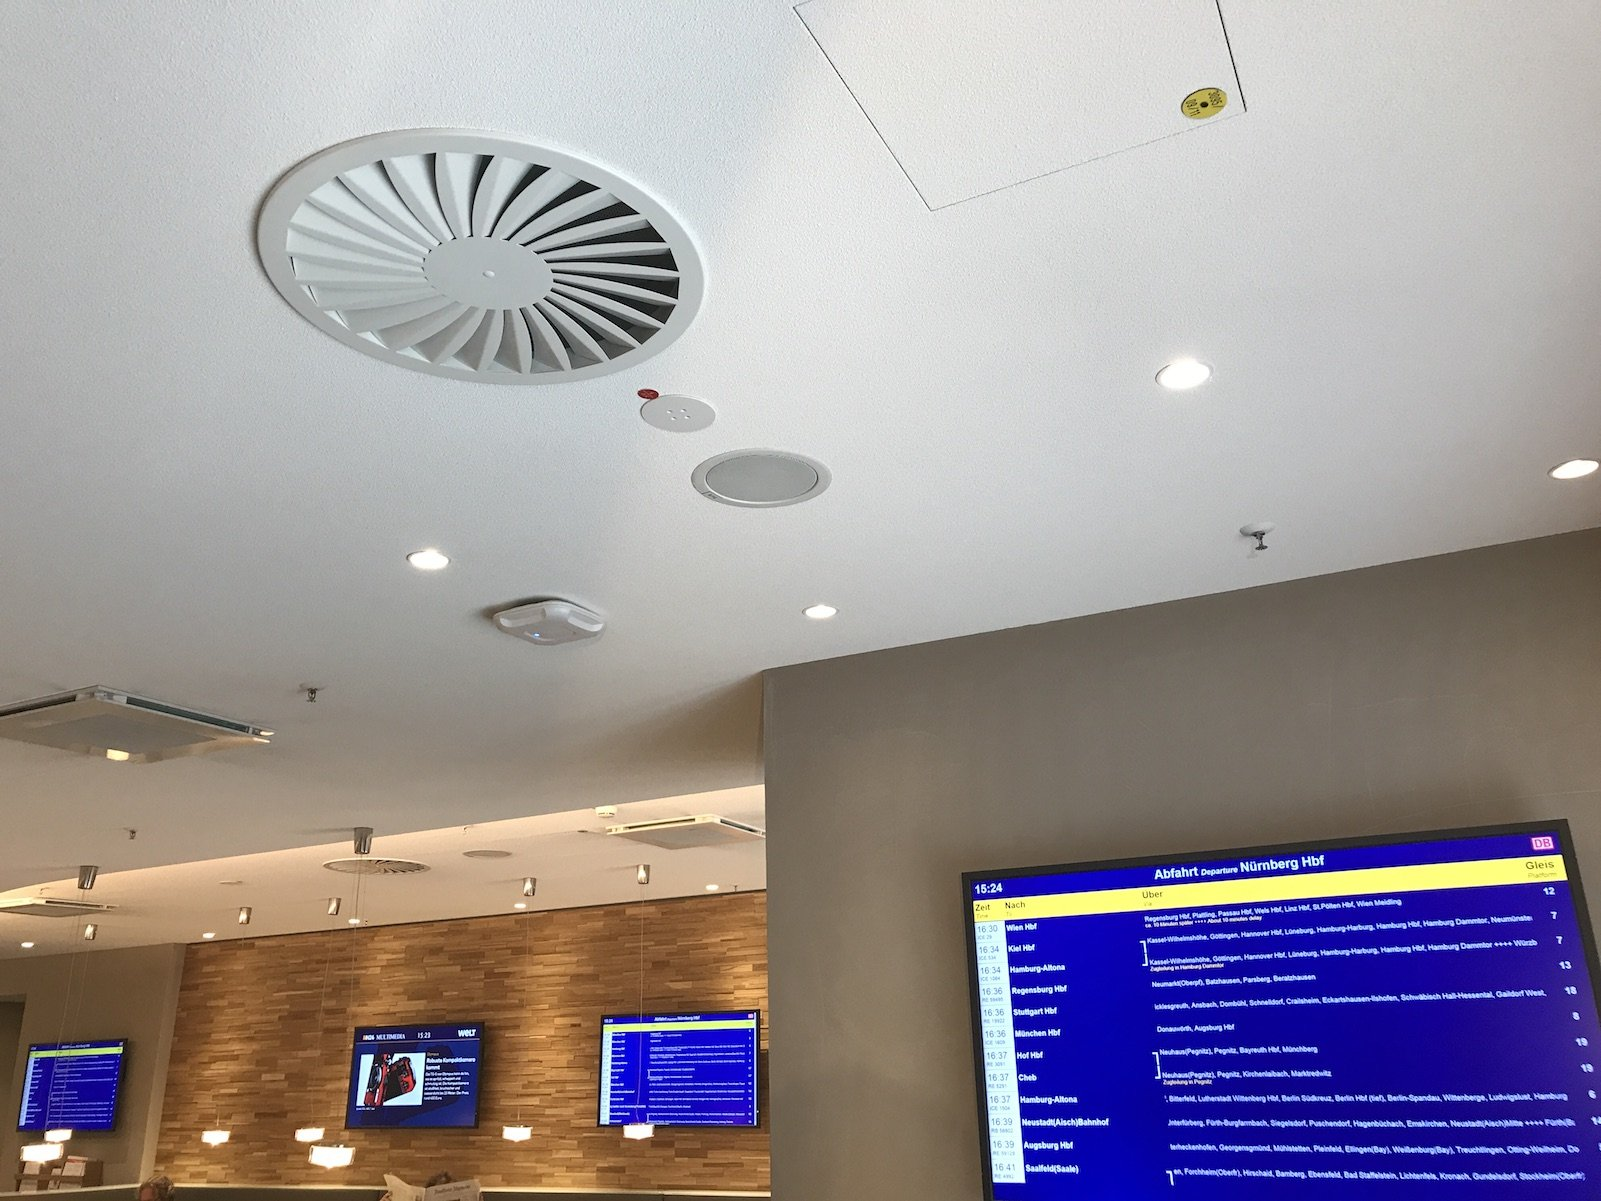 Zahlreiche Bildschirme zur Information der Reisenden